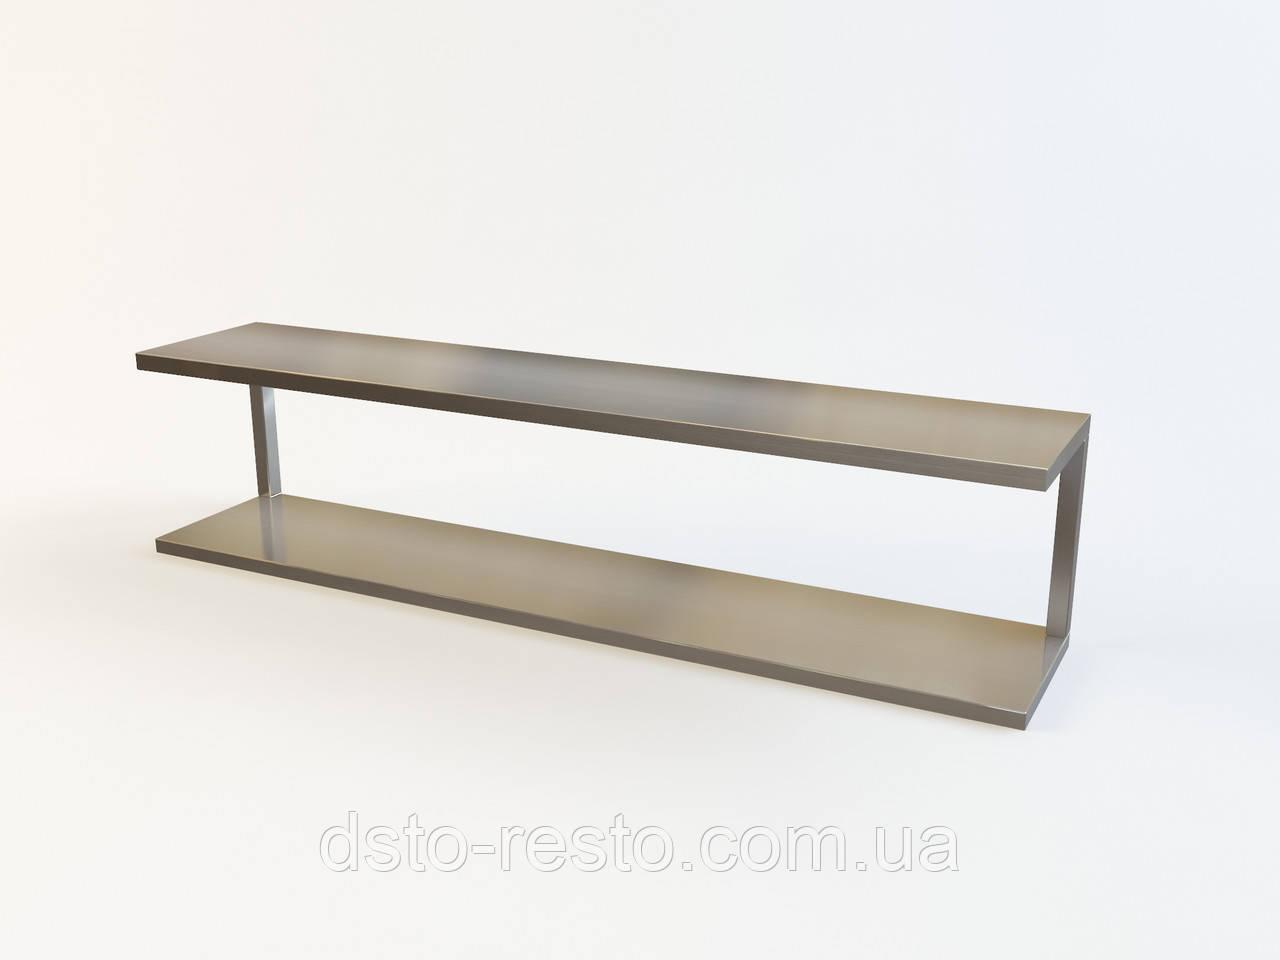 Навісна полиця з нержавіючої сталі, 2-х рівнева 1800/300/300 мм